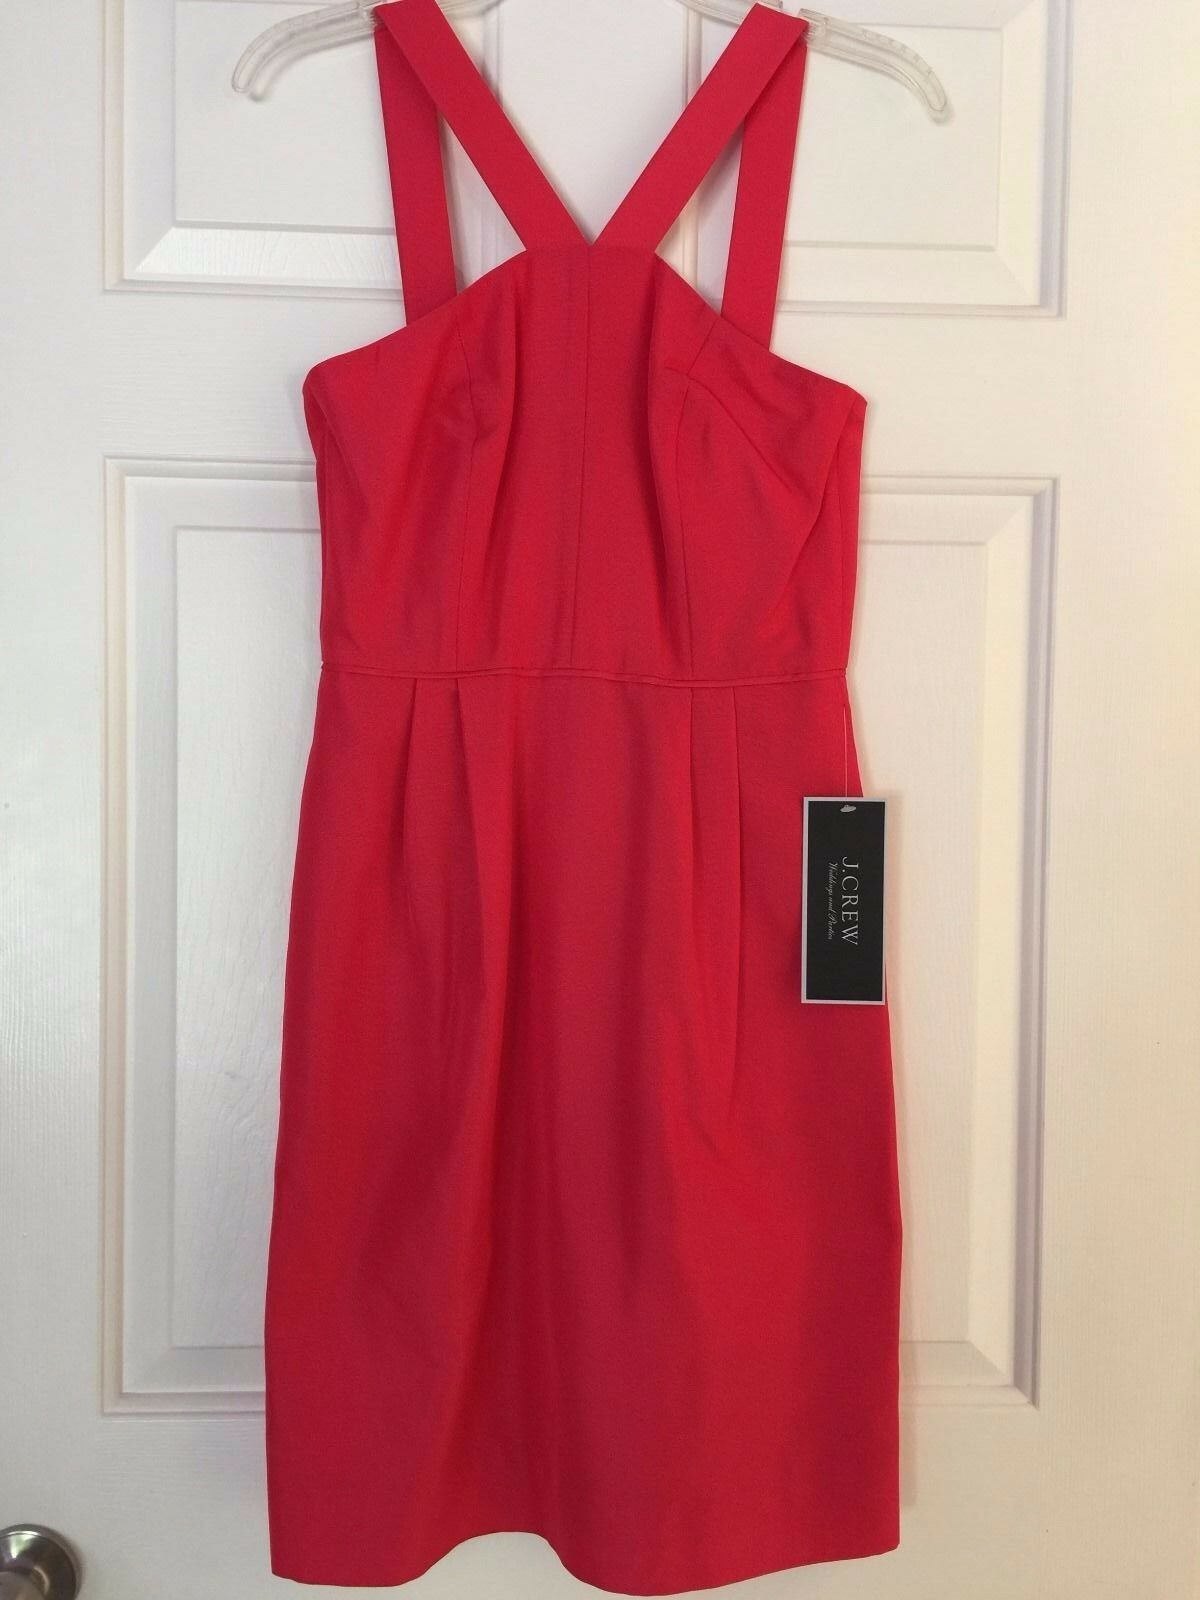 NWT J.Crew 'Lexie' Dress, size 0